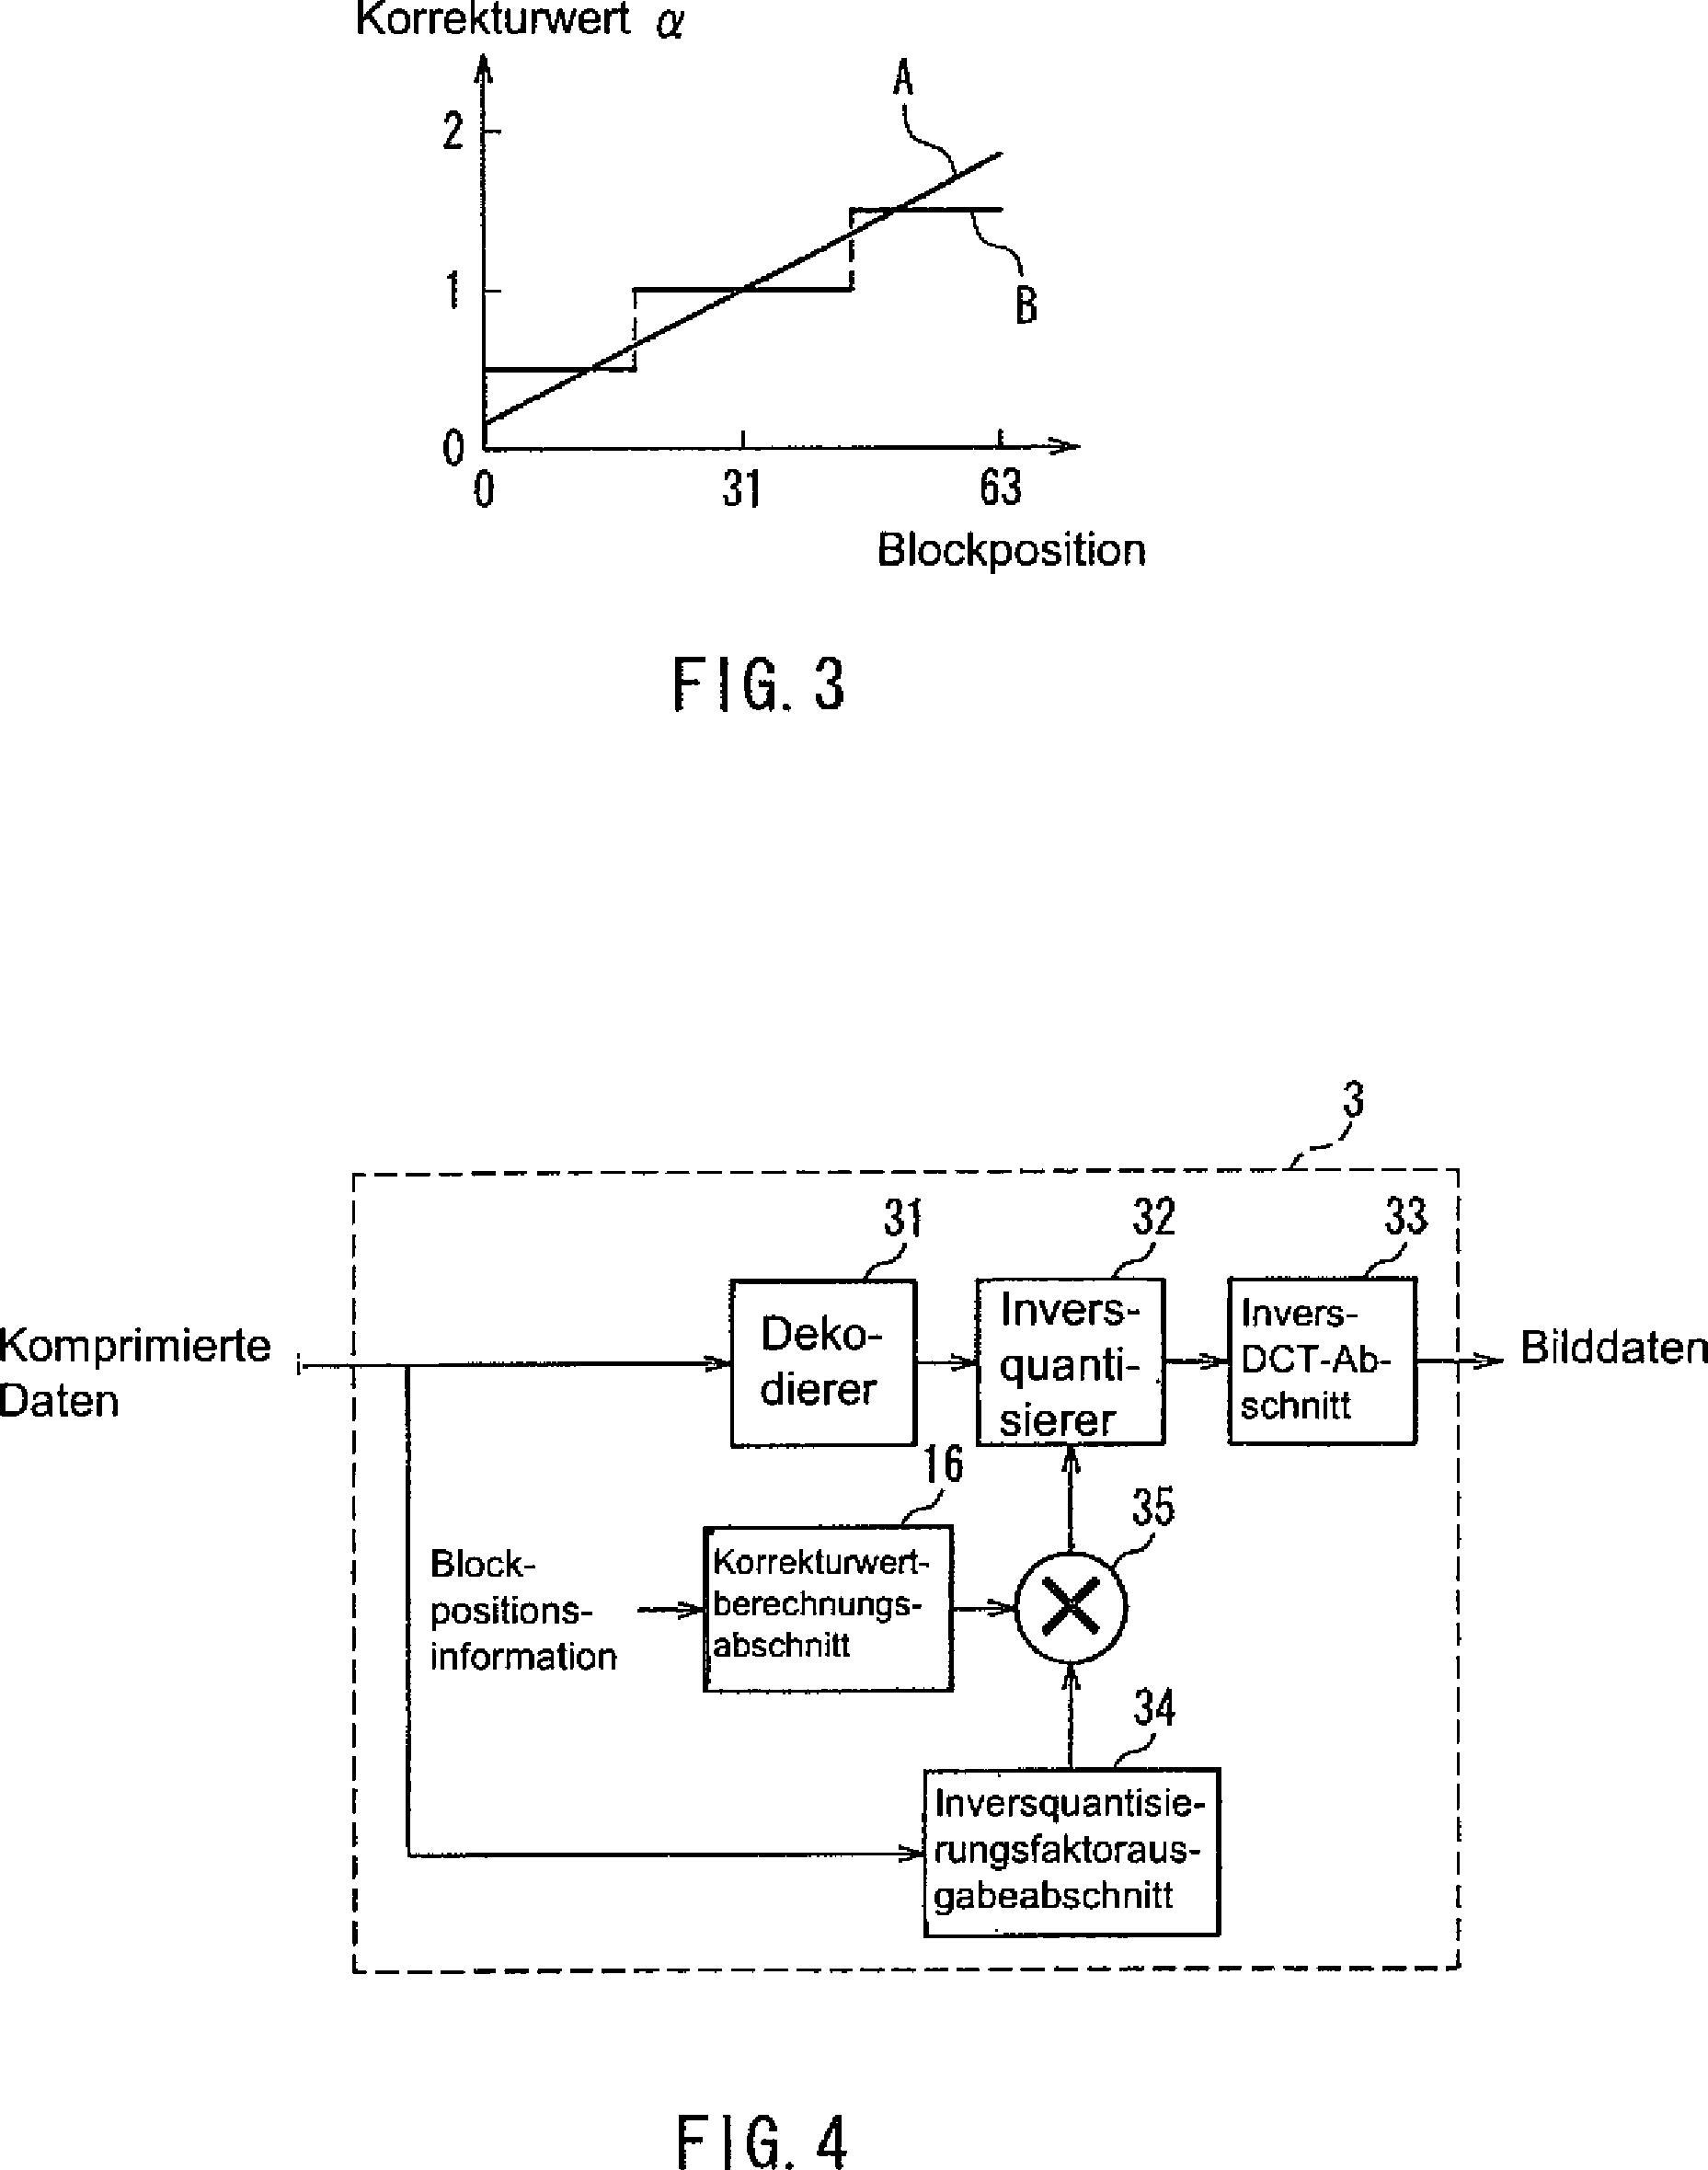 Großartig Schematisches Blockdiagramm Zeitgenössisch - Der ...